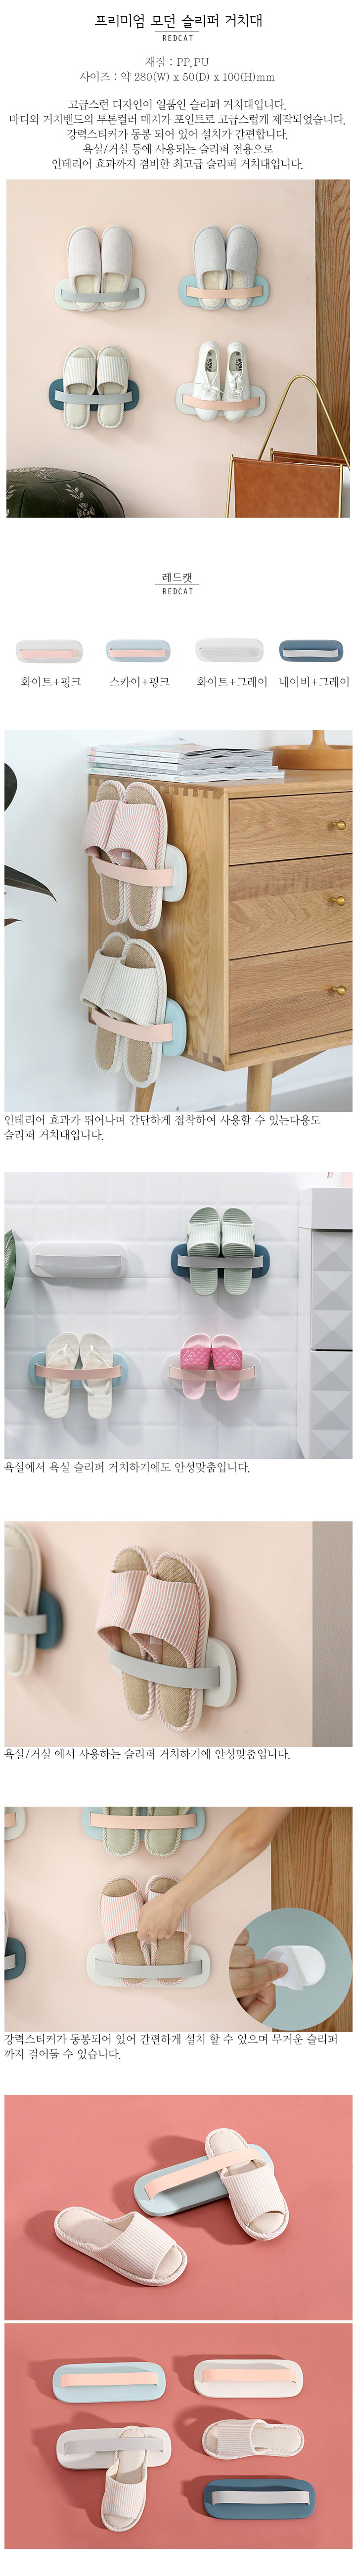 프리미엄 모던 슬리퍼 거치대 - 네코리빙, 7,120원, 수납/선반장, 신발정리대/신발장